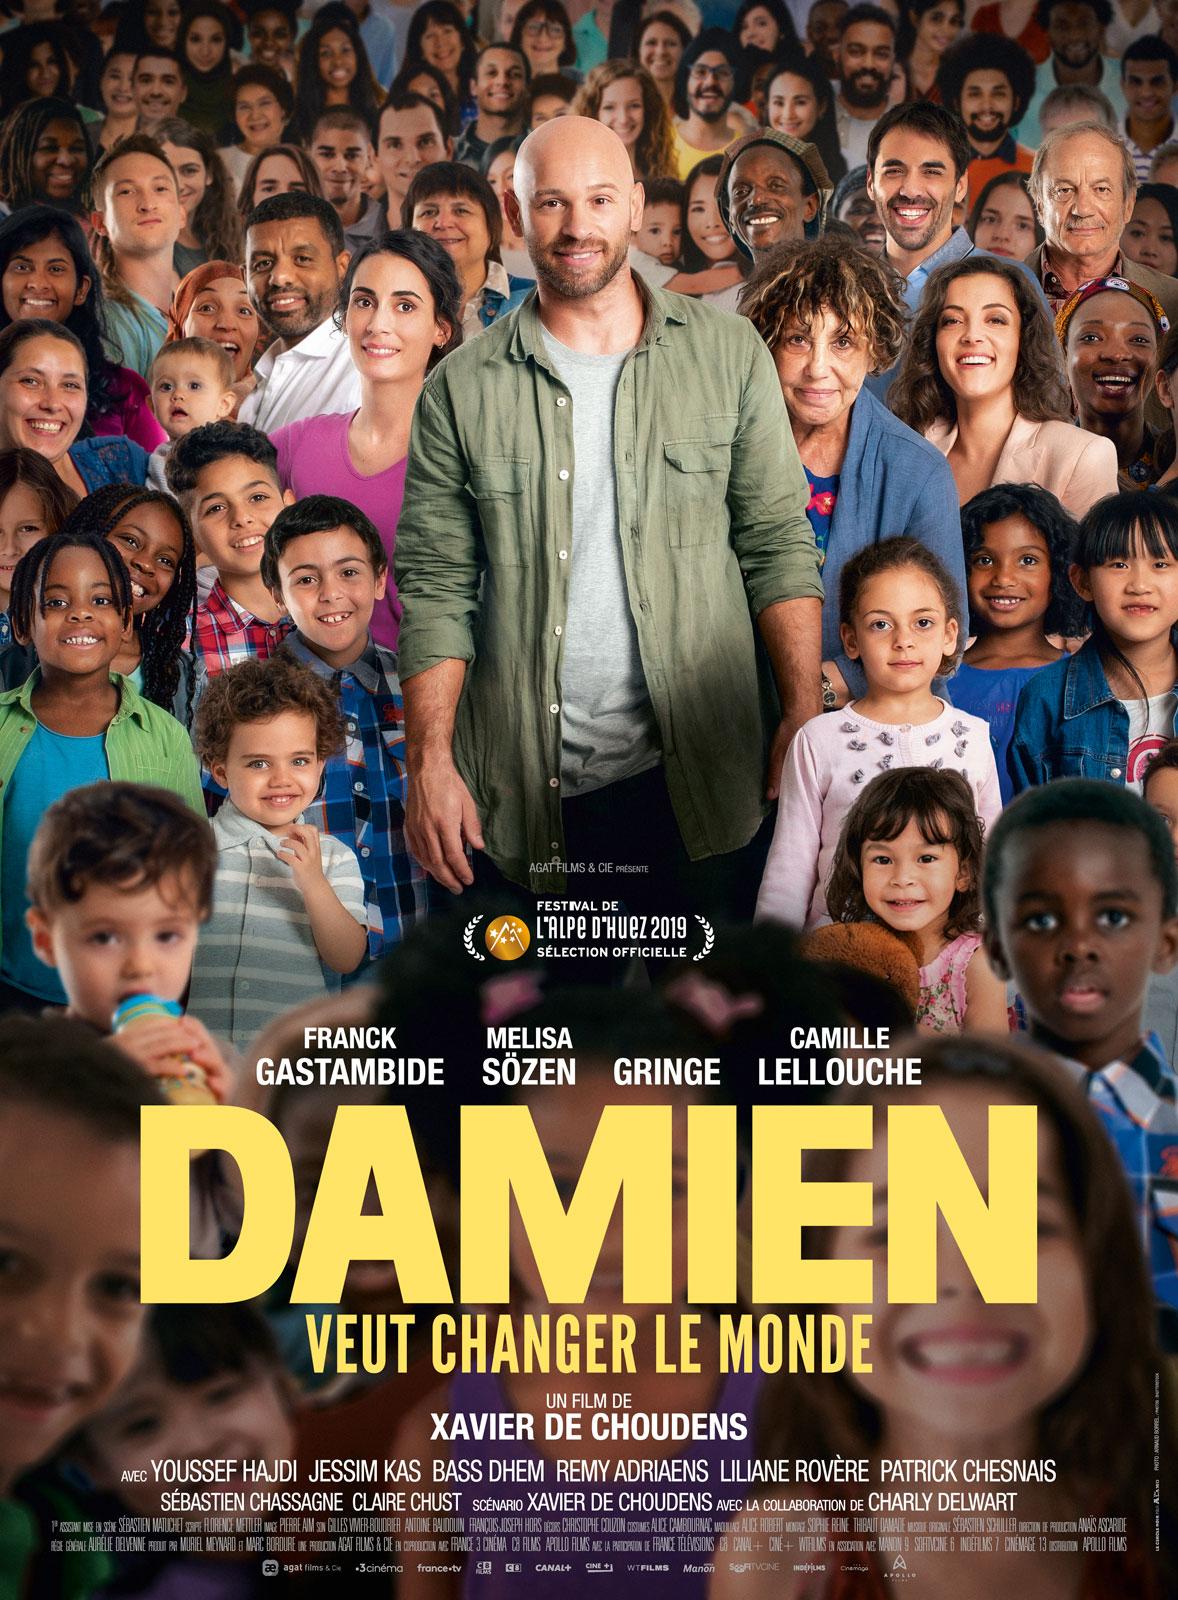 Damien veut changer le monde affiche film critique avis cinema